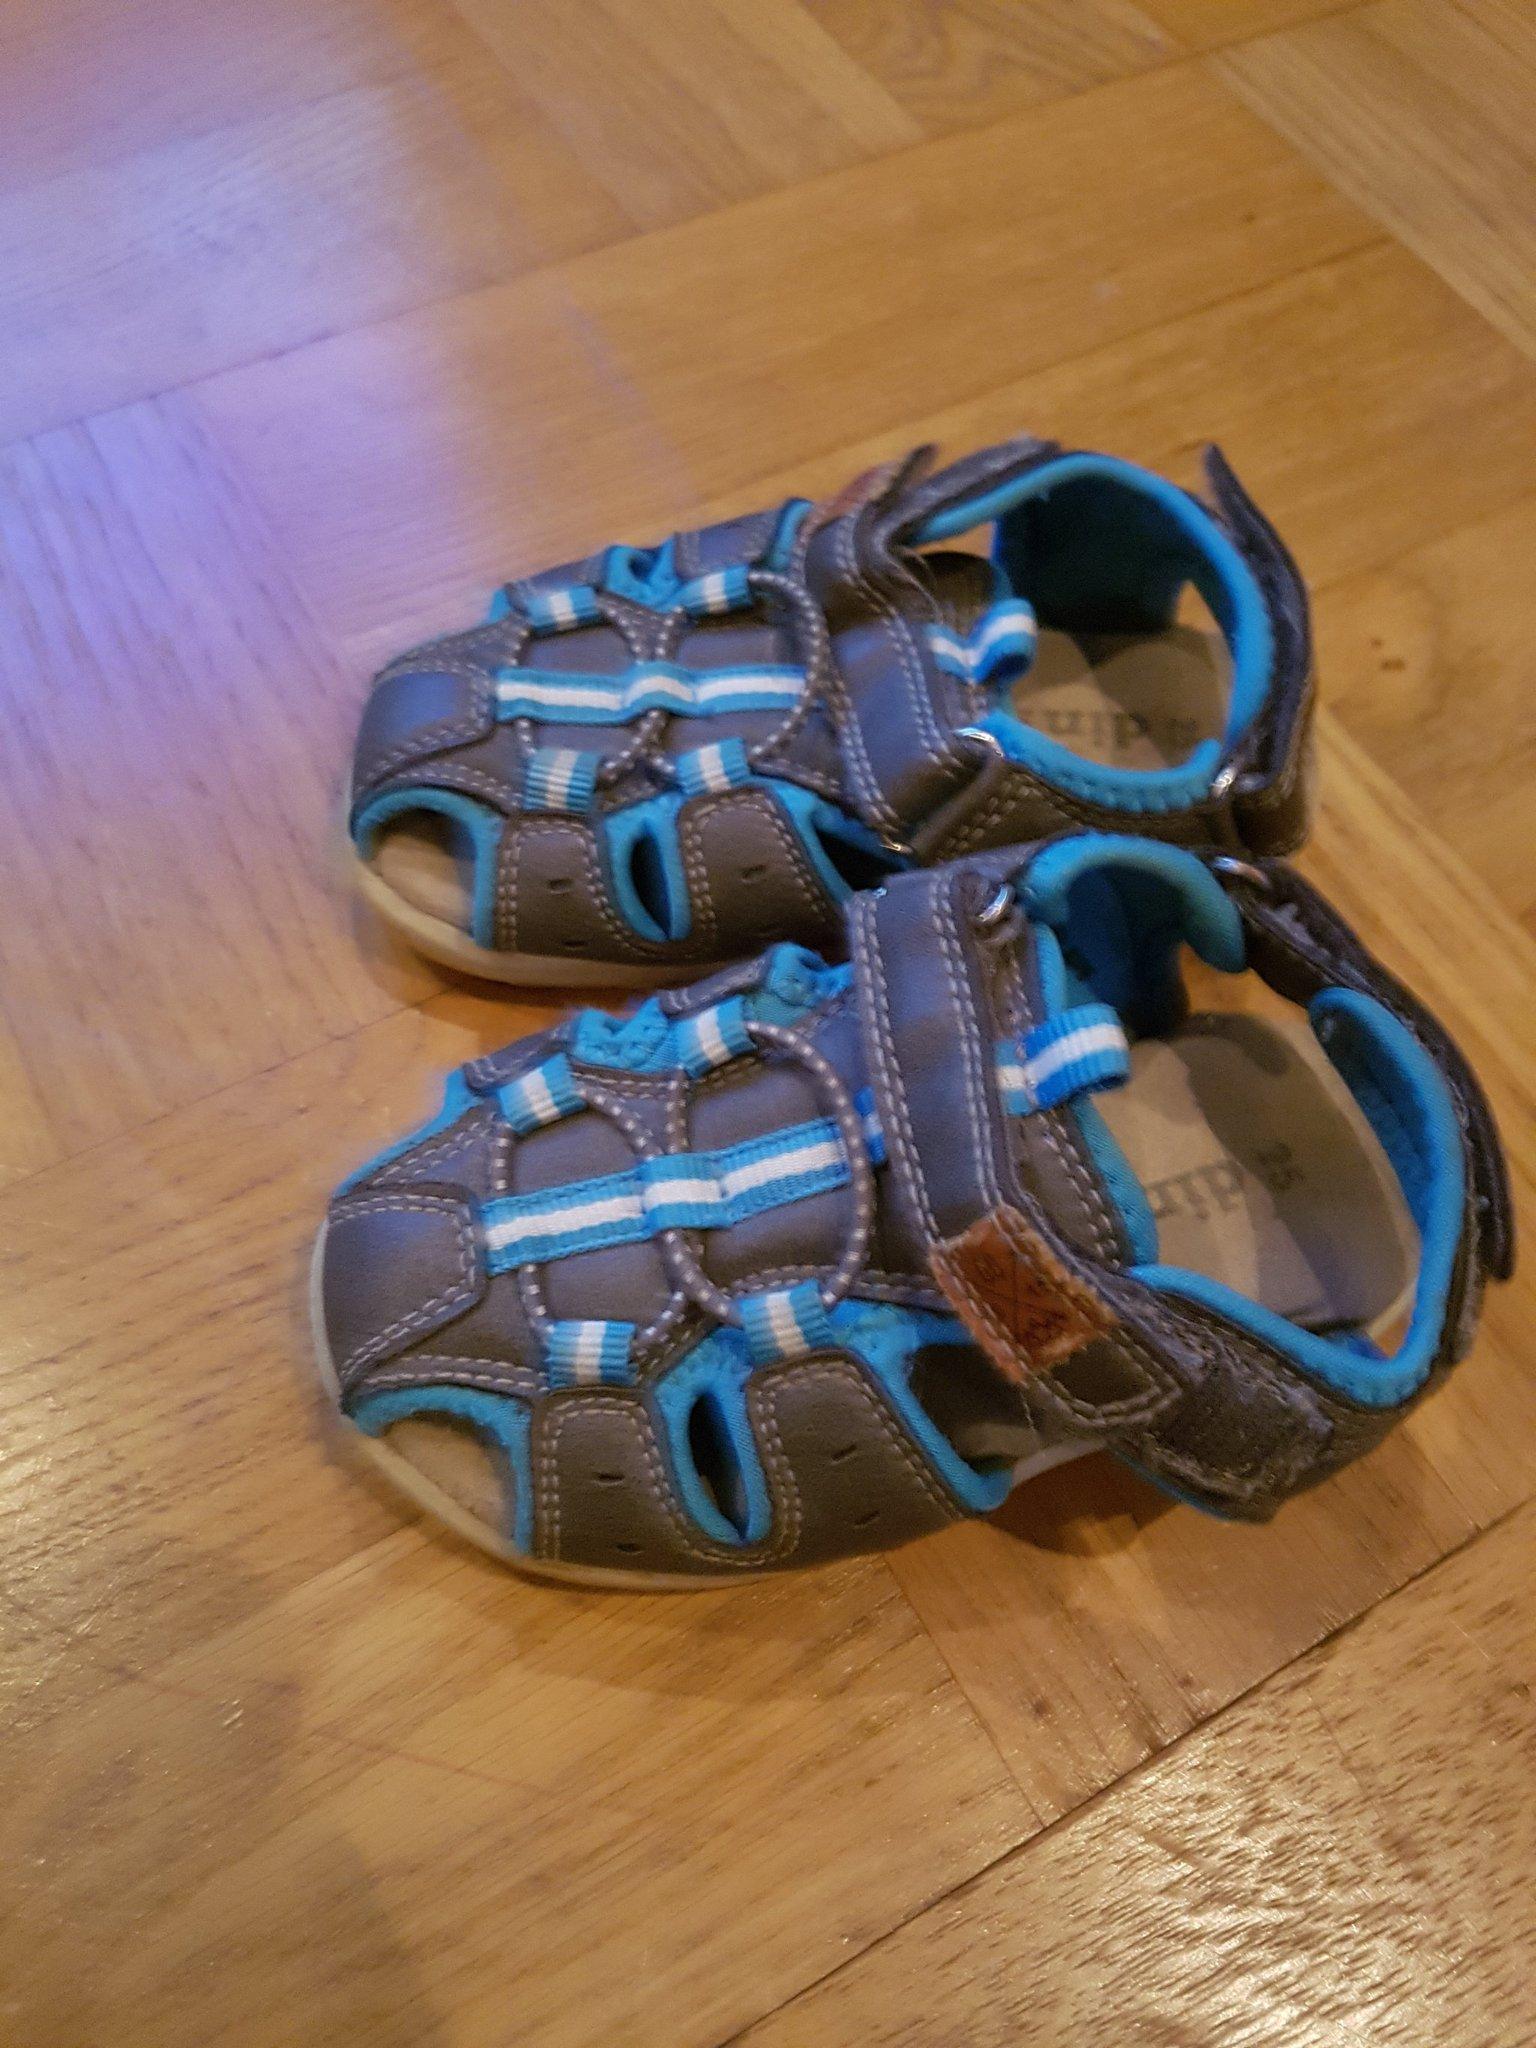 300b2912f1c4 Sandal storlek 25 innermått 155 Din Sko (347768623) ᐈ Köp på Tradera